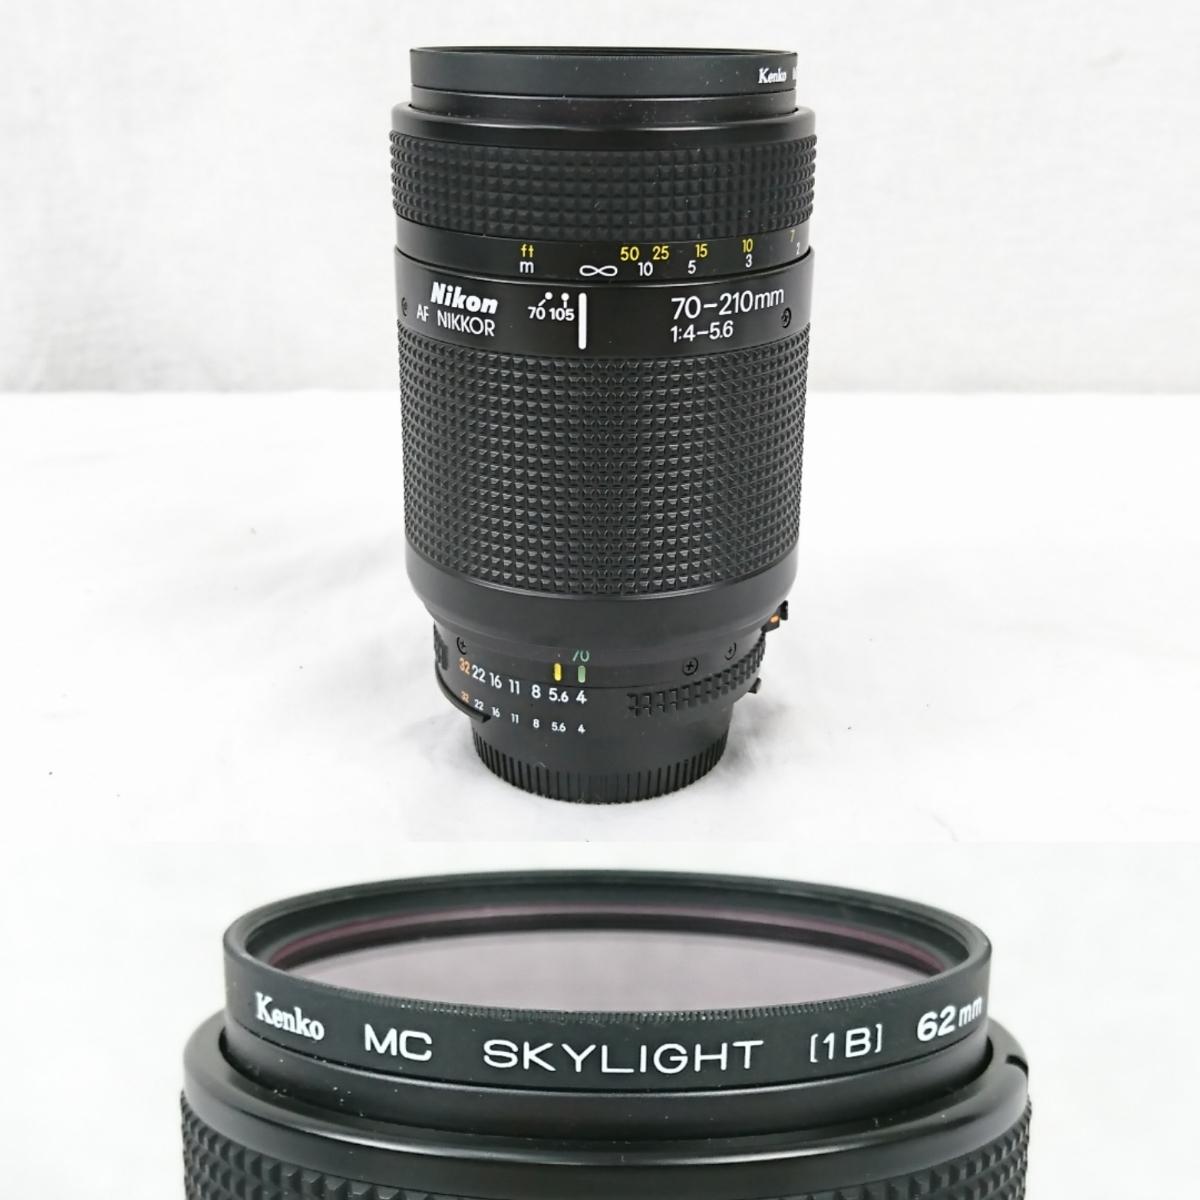 【GK-203】 Nikon ニコン カメラ F4 レンズ AF オートフォーカス Nikon ED AF NIKKOR 80-200mm AF NIKKOR 70-210mm NIKKOR 28-85mm_画像7